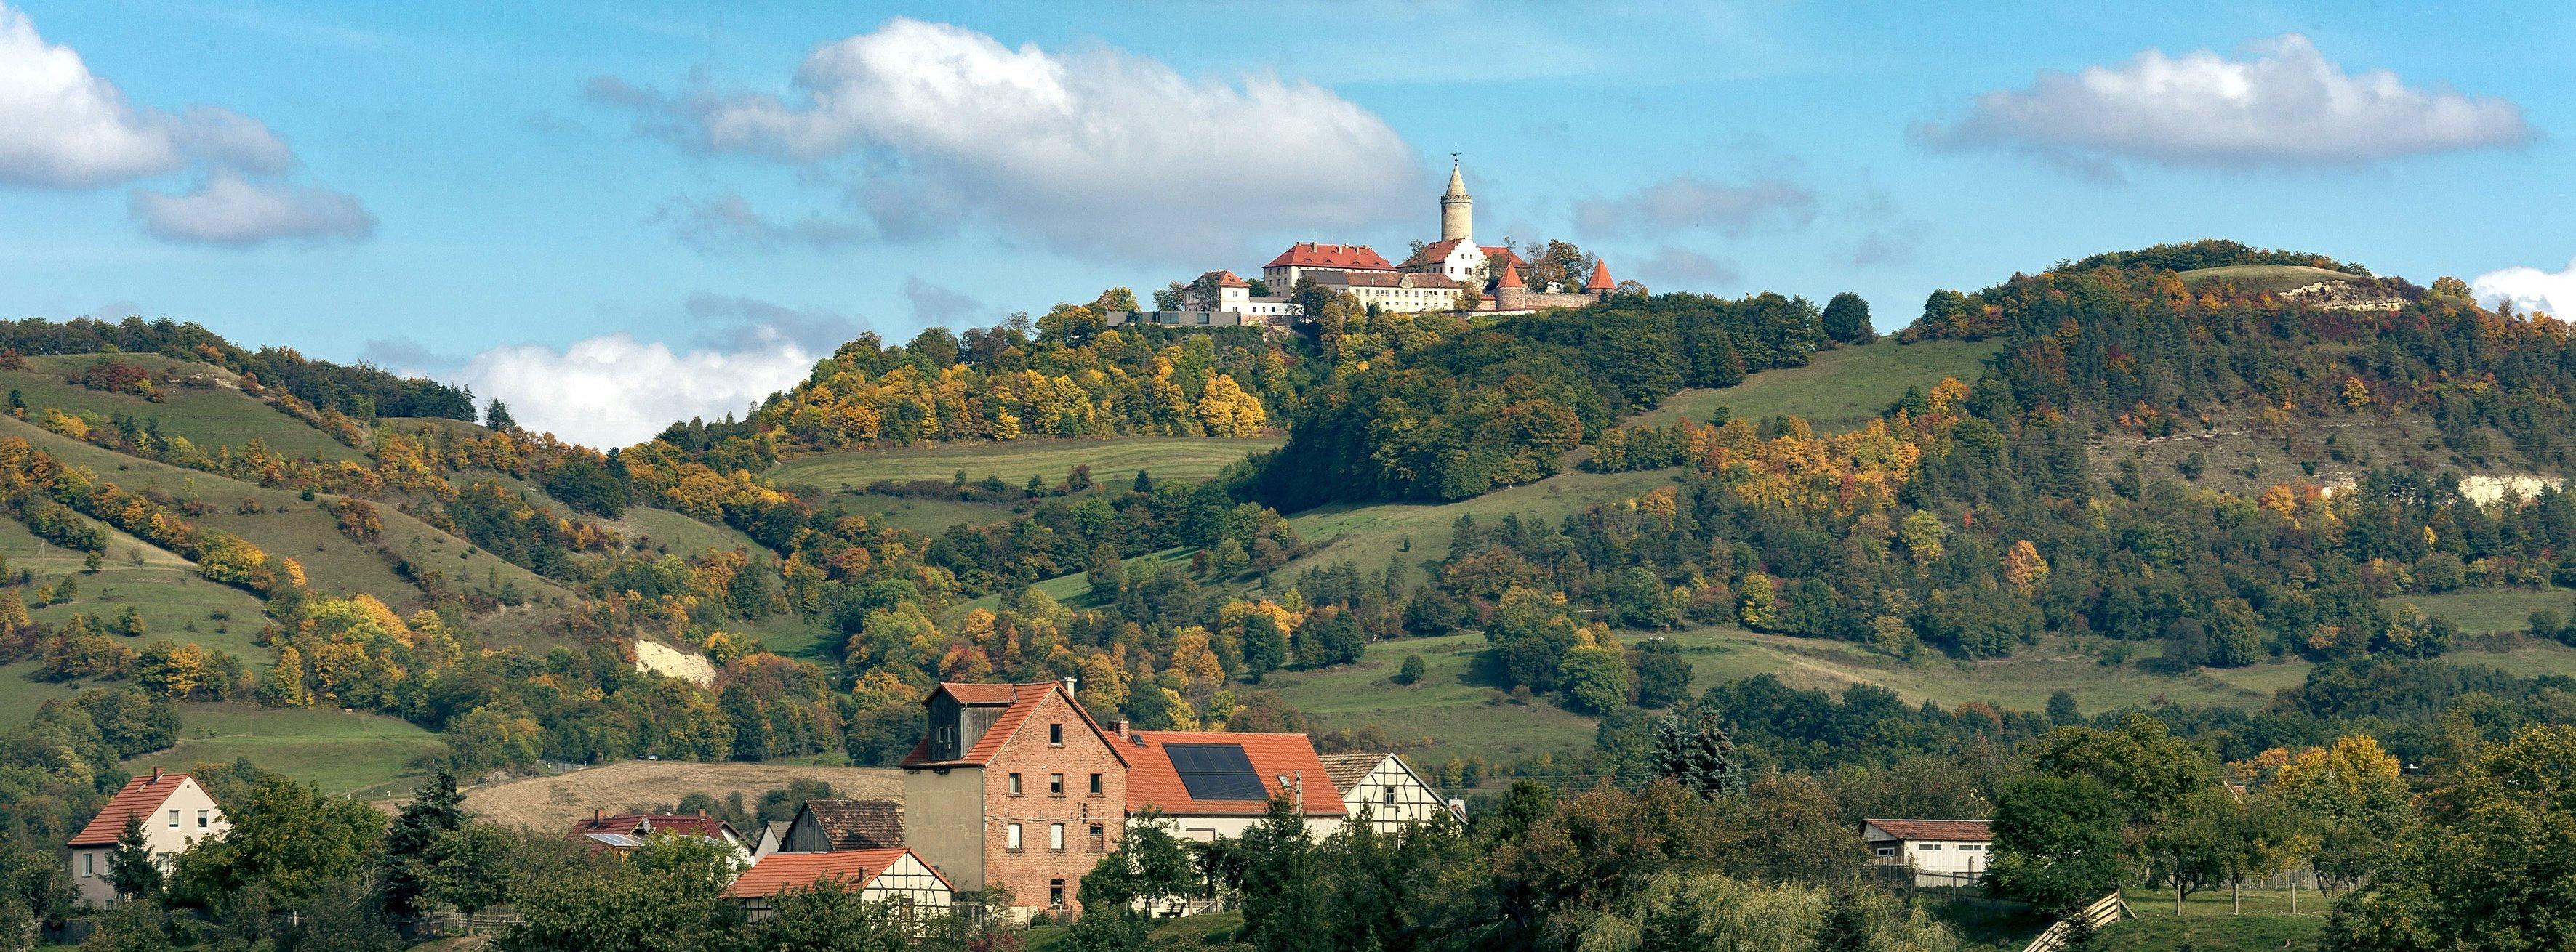 Mittelalterliche Burganlage mit Turm auf Anhöhe umgeben von Wald und Wiesen